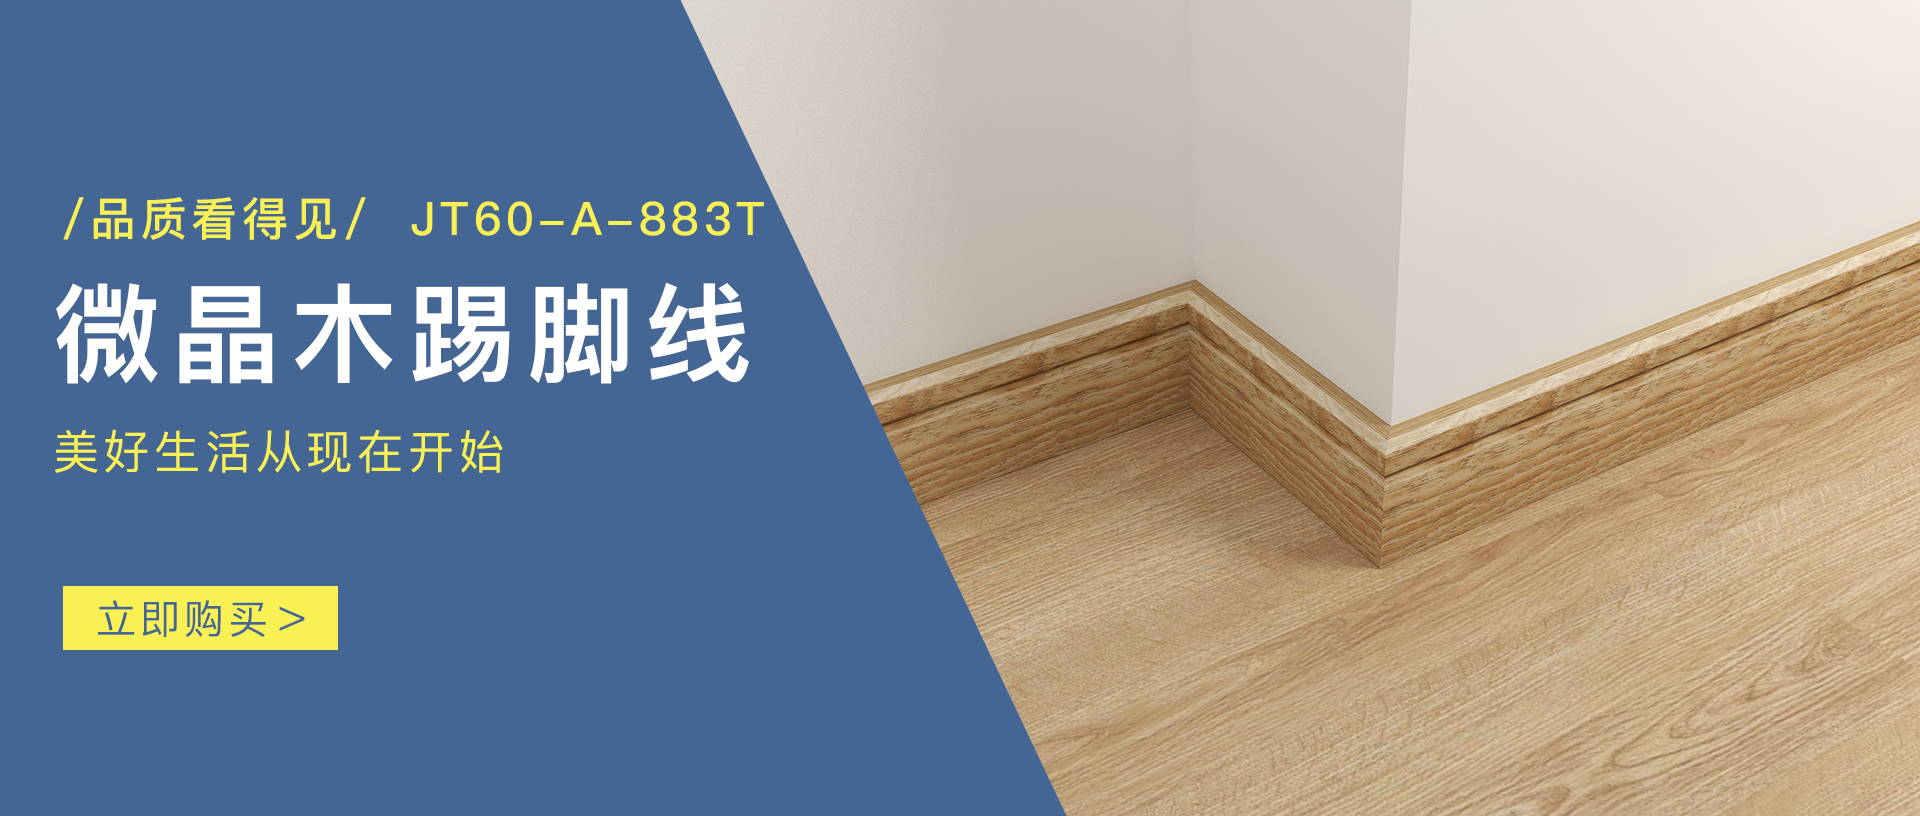 绿林JT60#高端PS踢脚线banner